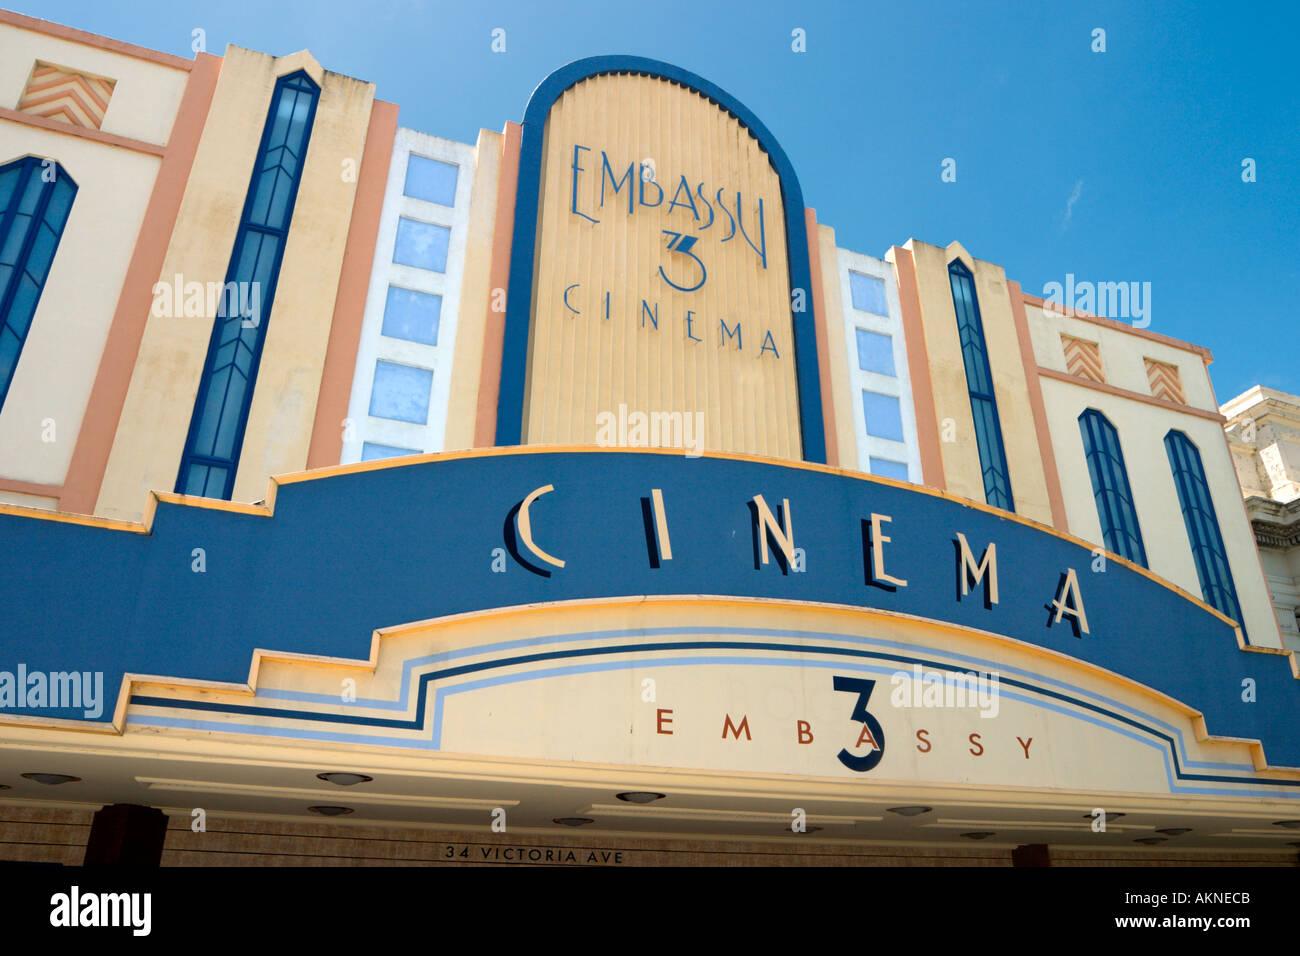 Art Deco Embassy Cinema su Victoria Avenue nel centro della città, Wanganui, Isola del nord, Nuova Zelanda Immagini Stock